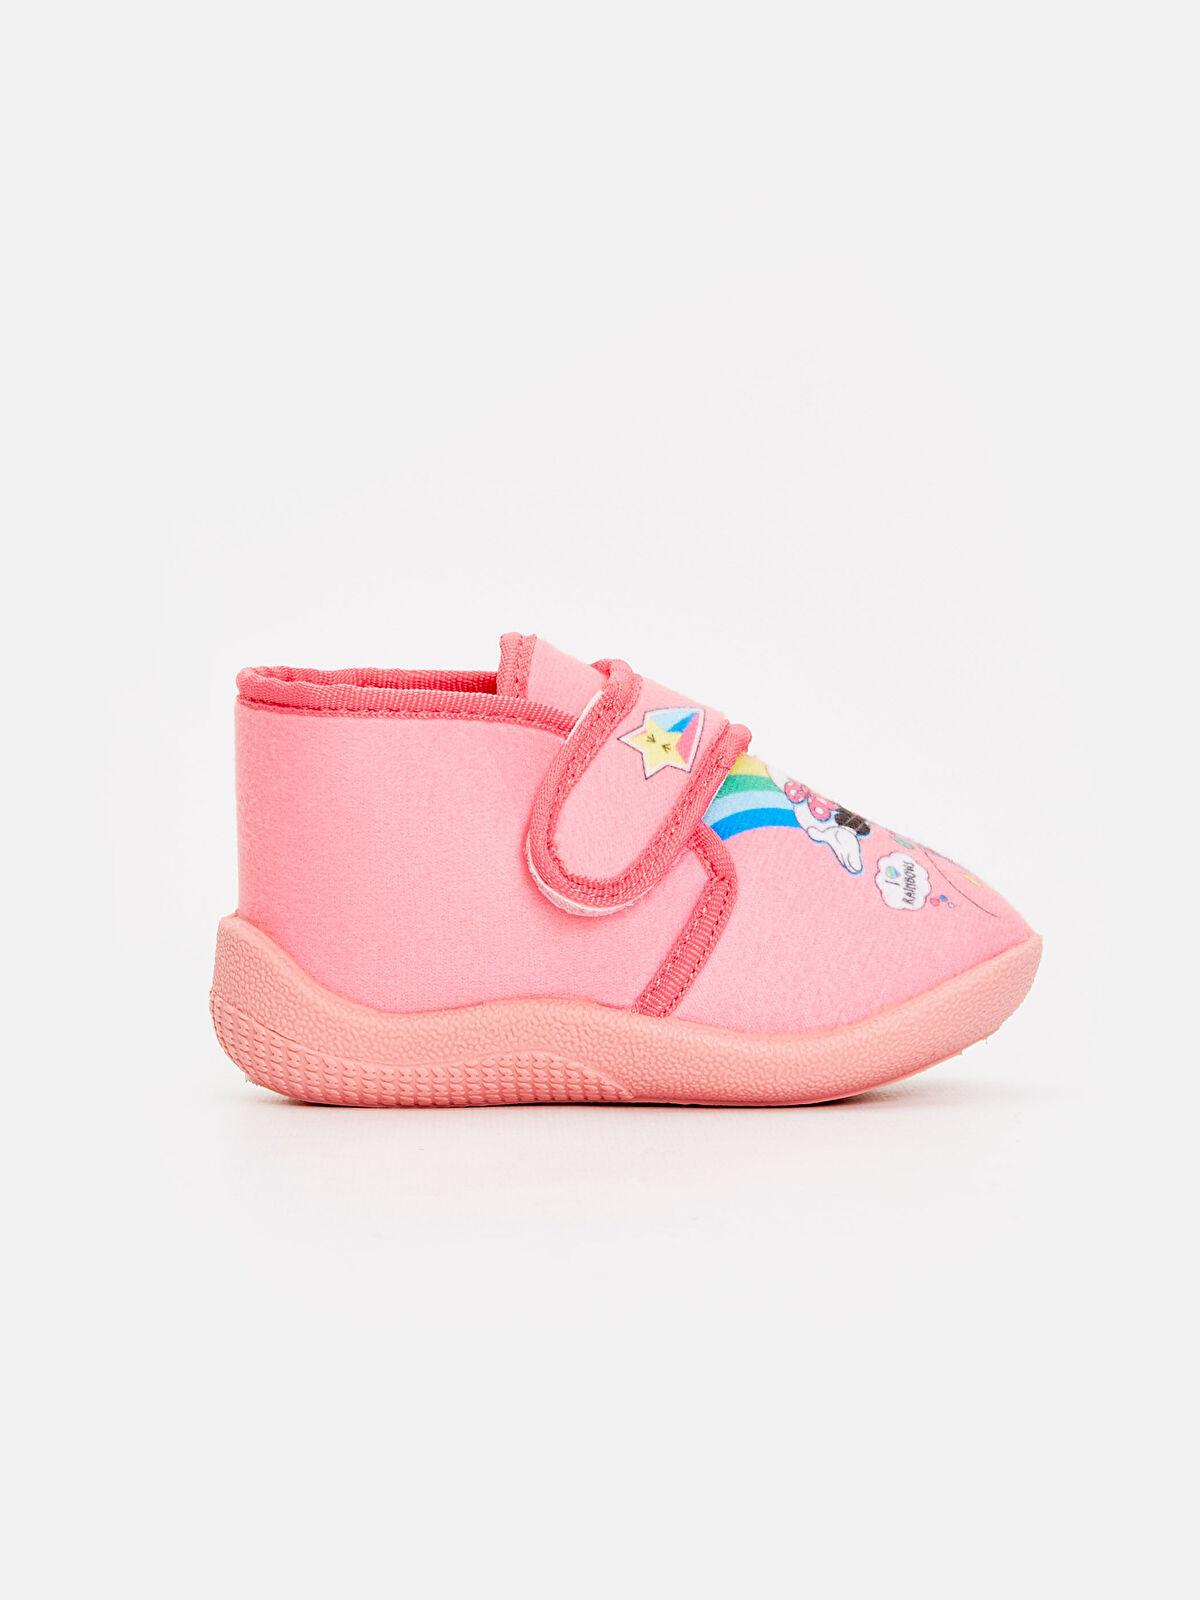 Kız Bebek Minnie Mouse Desenli Ev Ayakkabısı - LC WAIKIKI